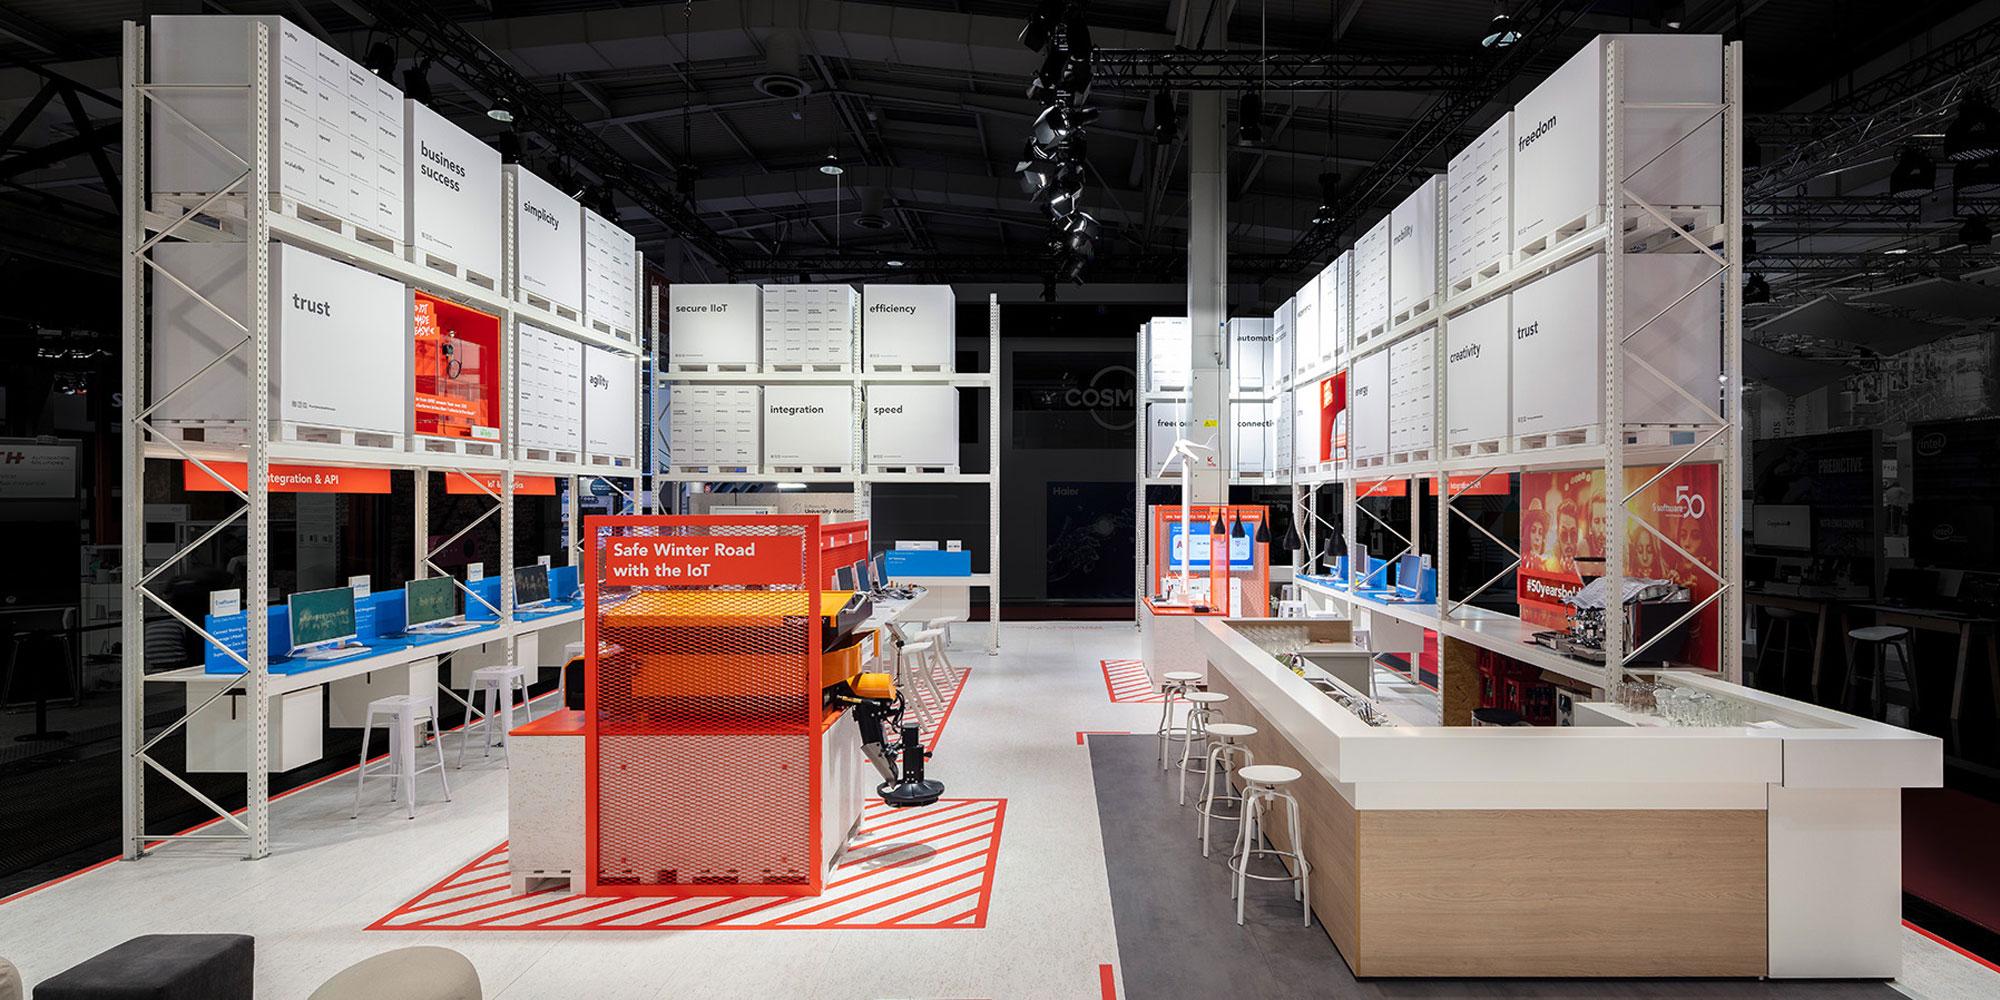 Messestand von Software AG auf der HMI 2019 in Hannover Deutschland Europe - Tünnissen Interiors, Messen, Events und Ausstellungen NRW Deutschland Europe